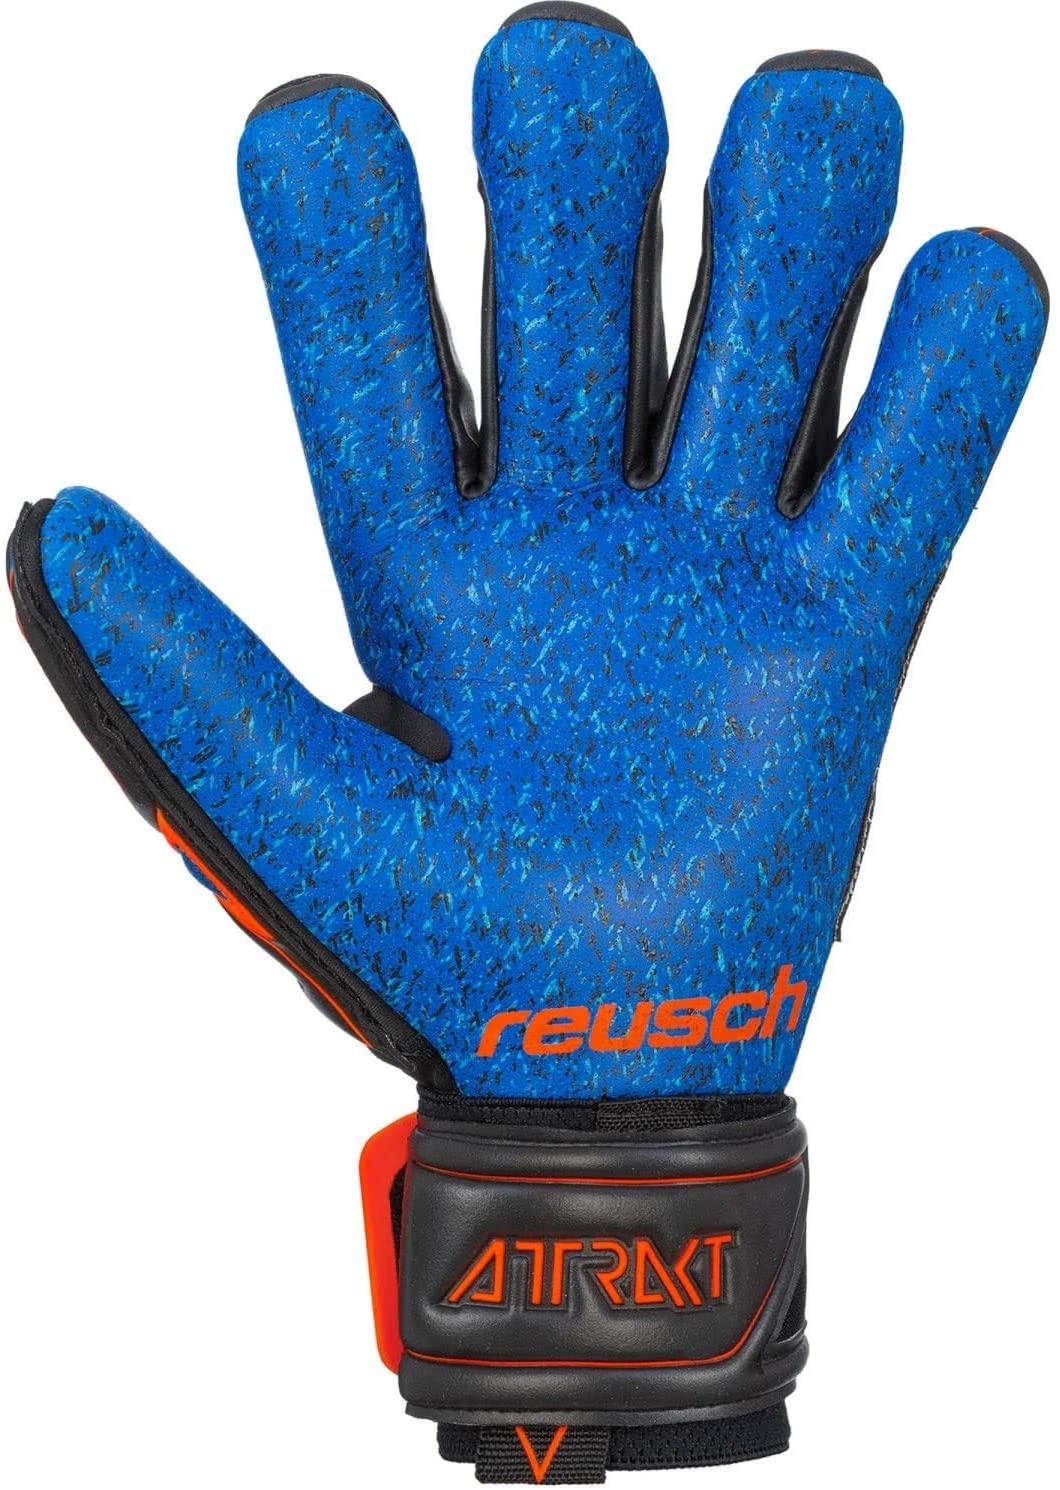 Reusch Attrakt G3 Fusion Evolution Nc Guardian TW-Handschuh 5070968 schwarz orange